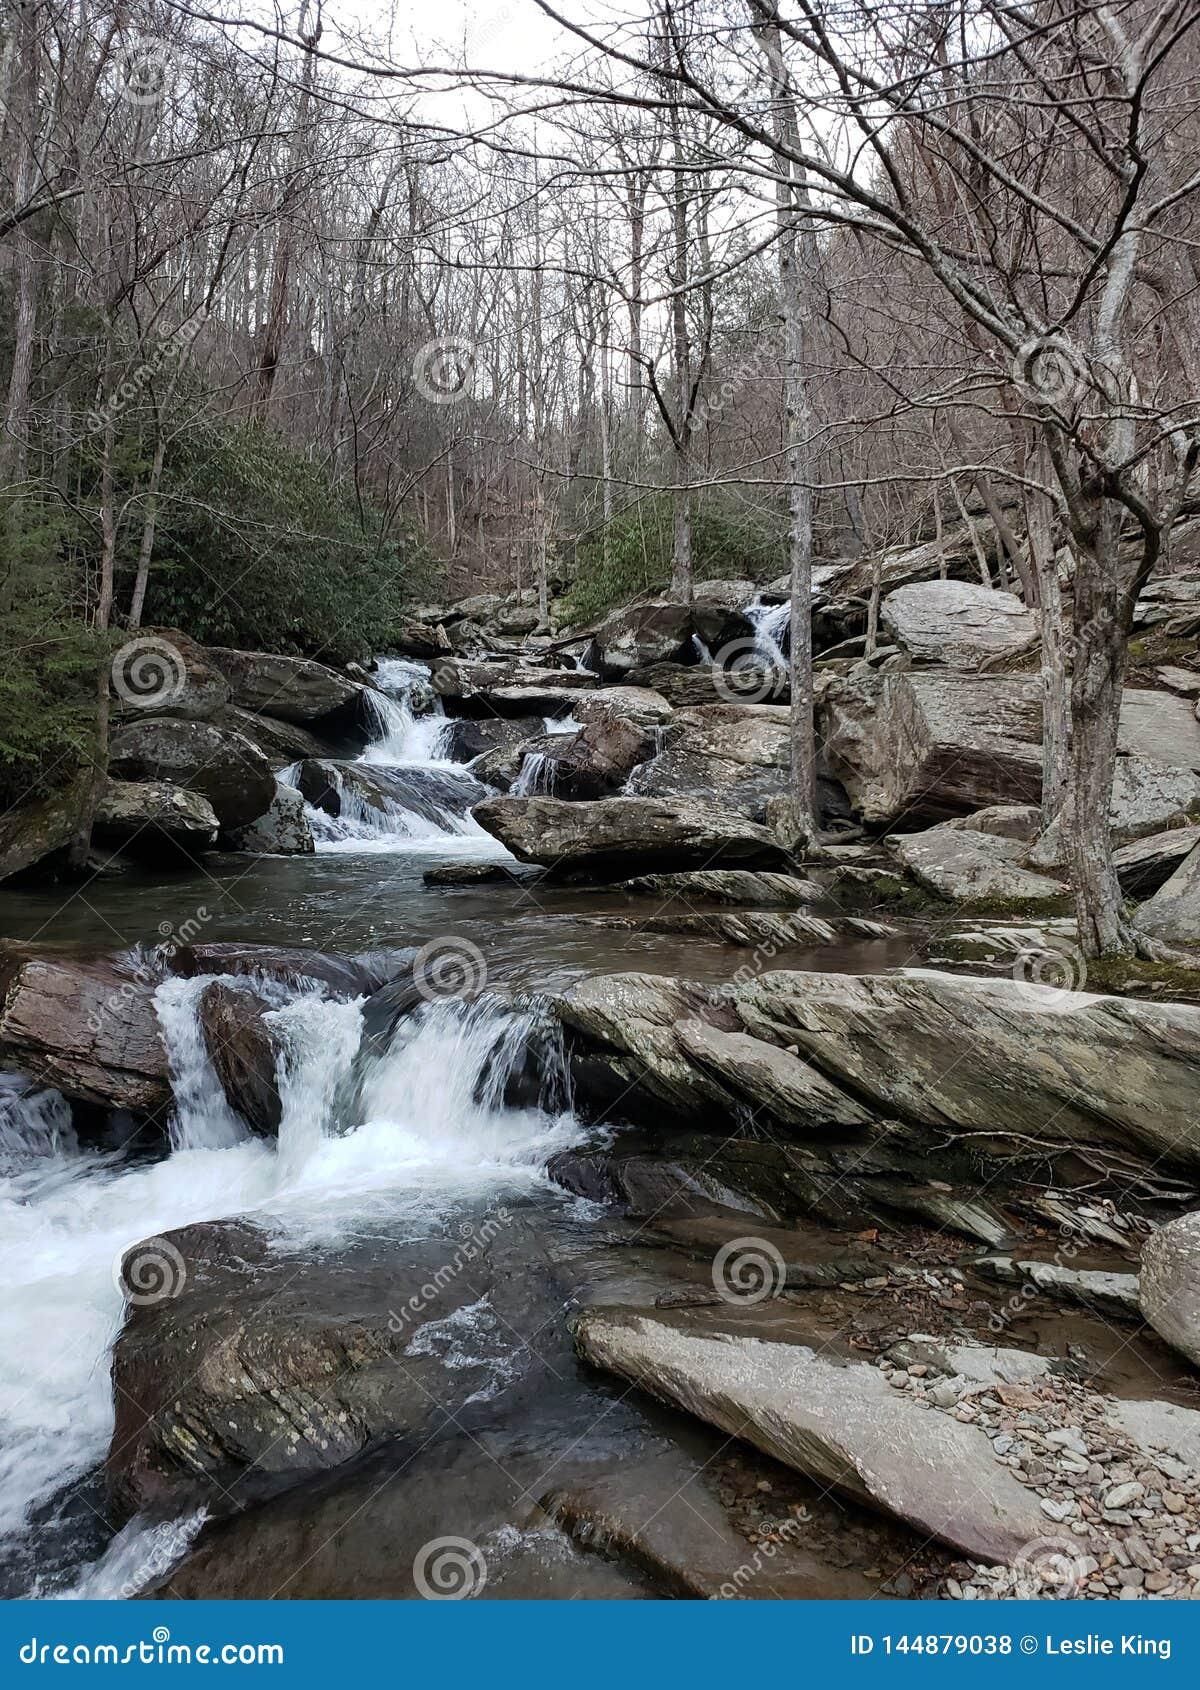 Le bruit d une cascade peut apaiser l âme